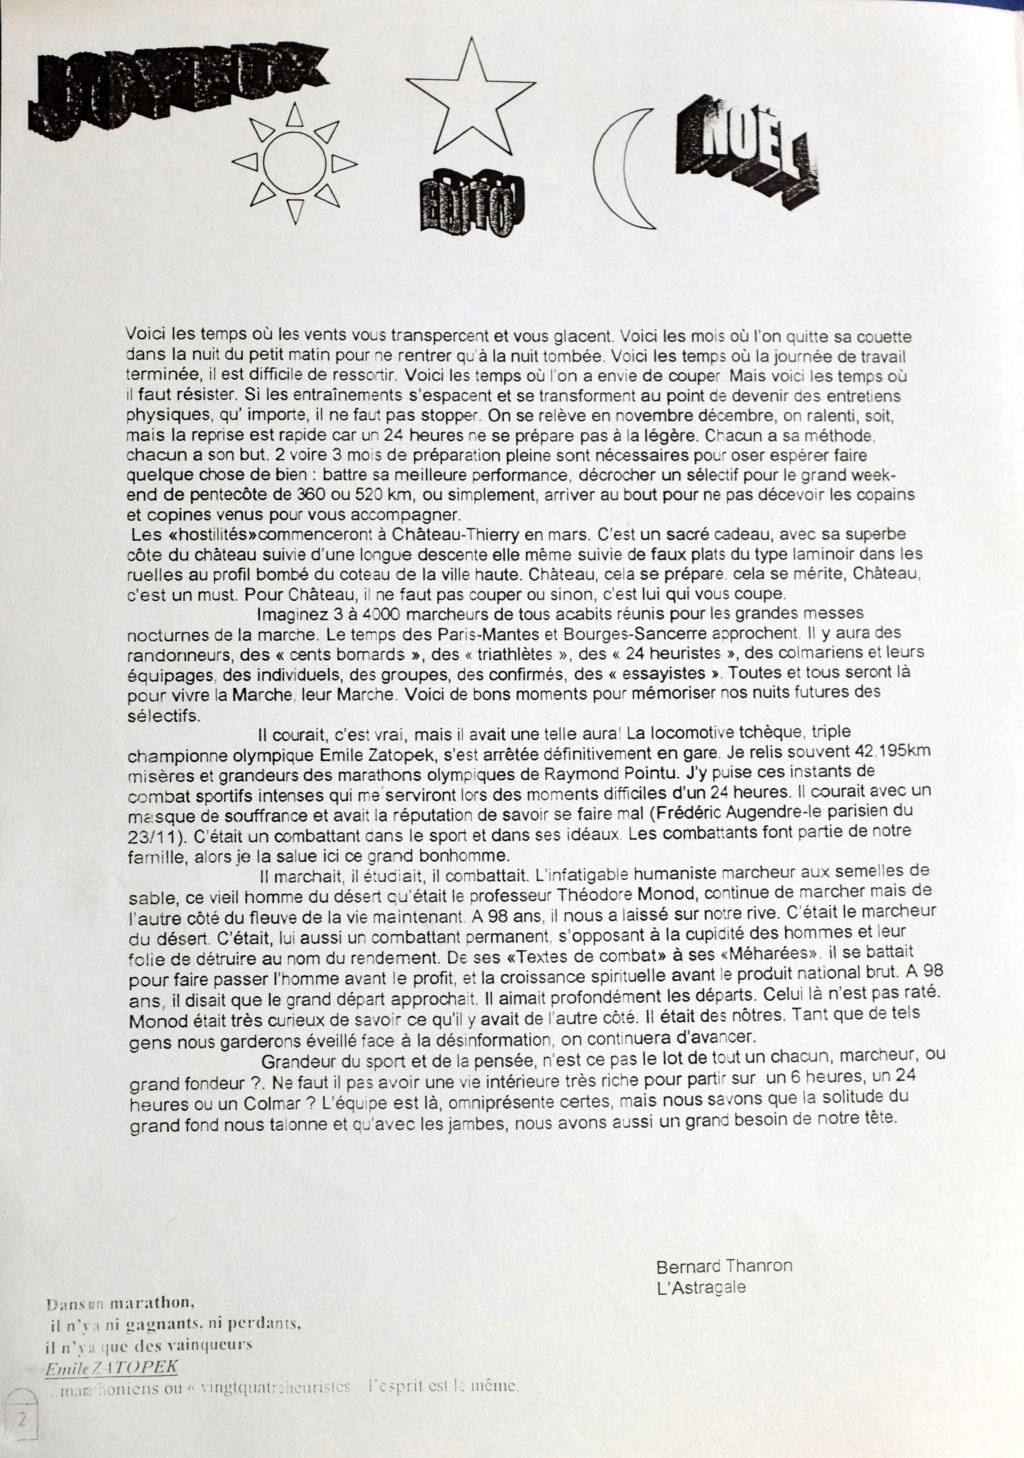 Le KM520 et ses éditos 1998-2009 - Page 2 Dscf0478